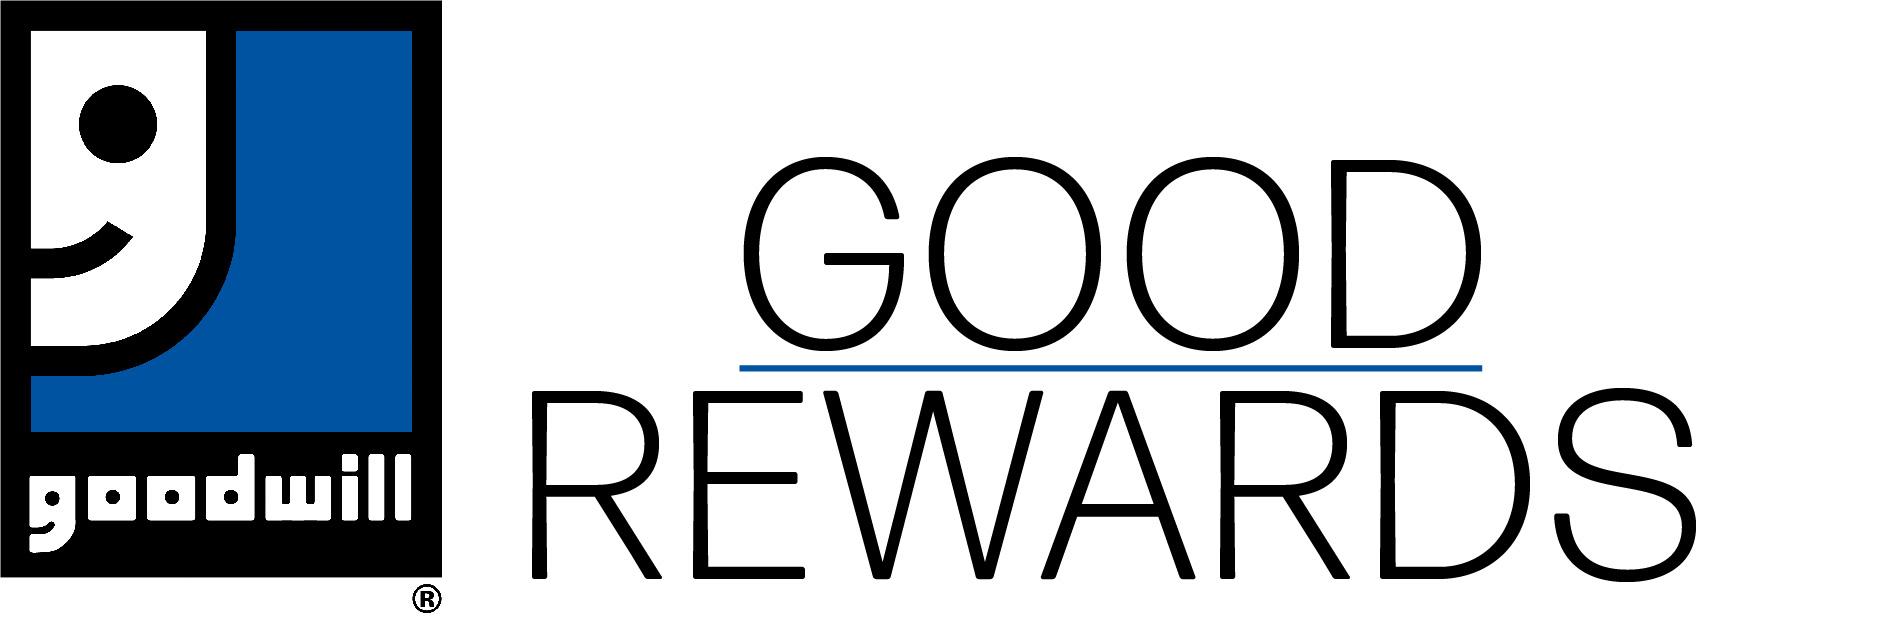 Good Rewards logo